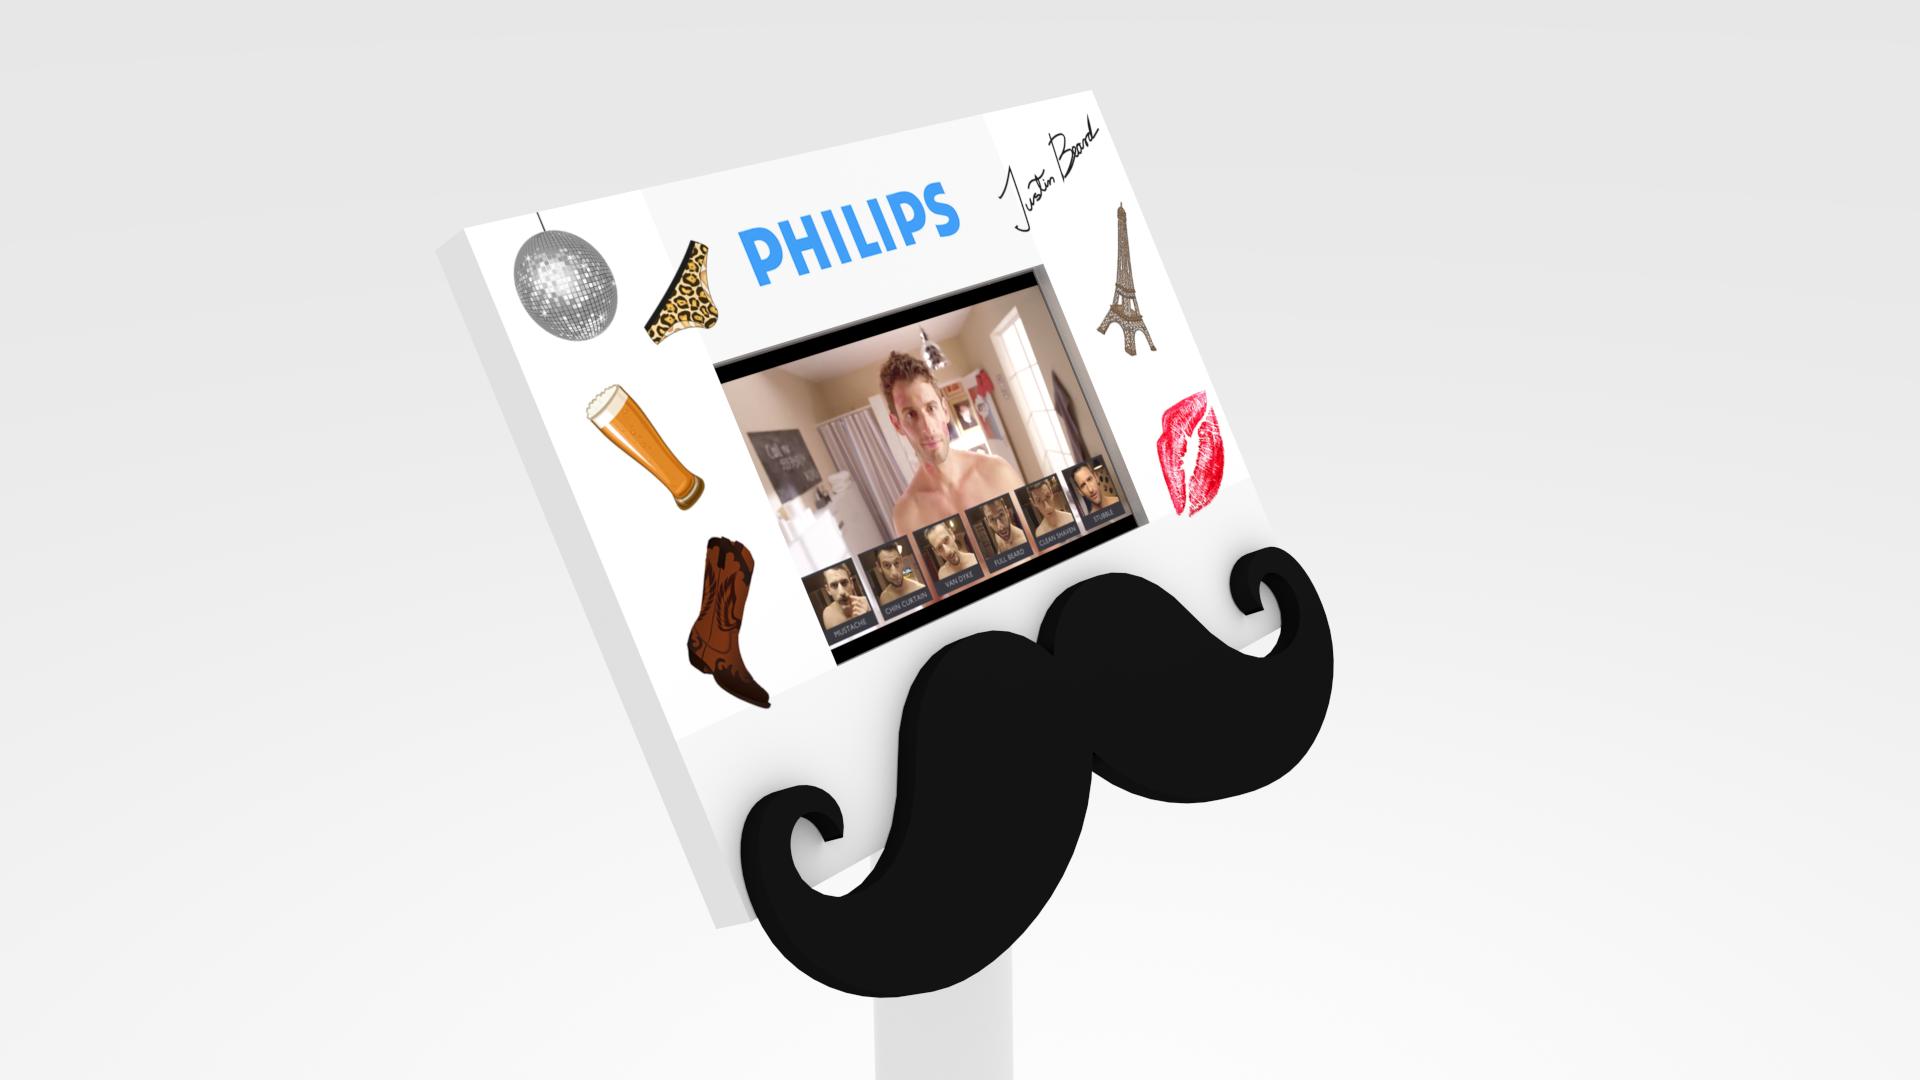 philips_06